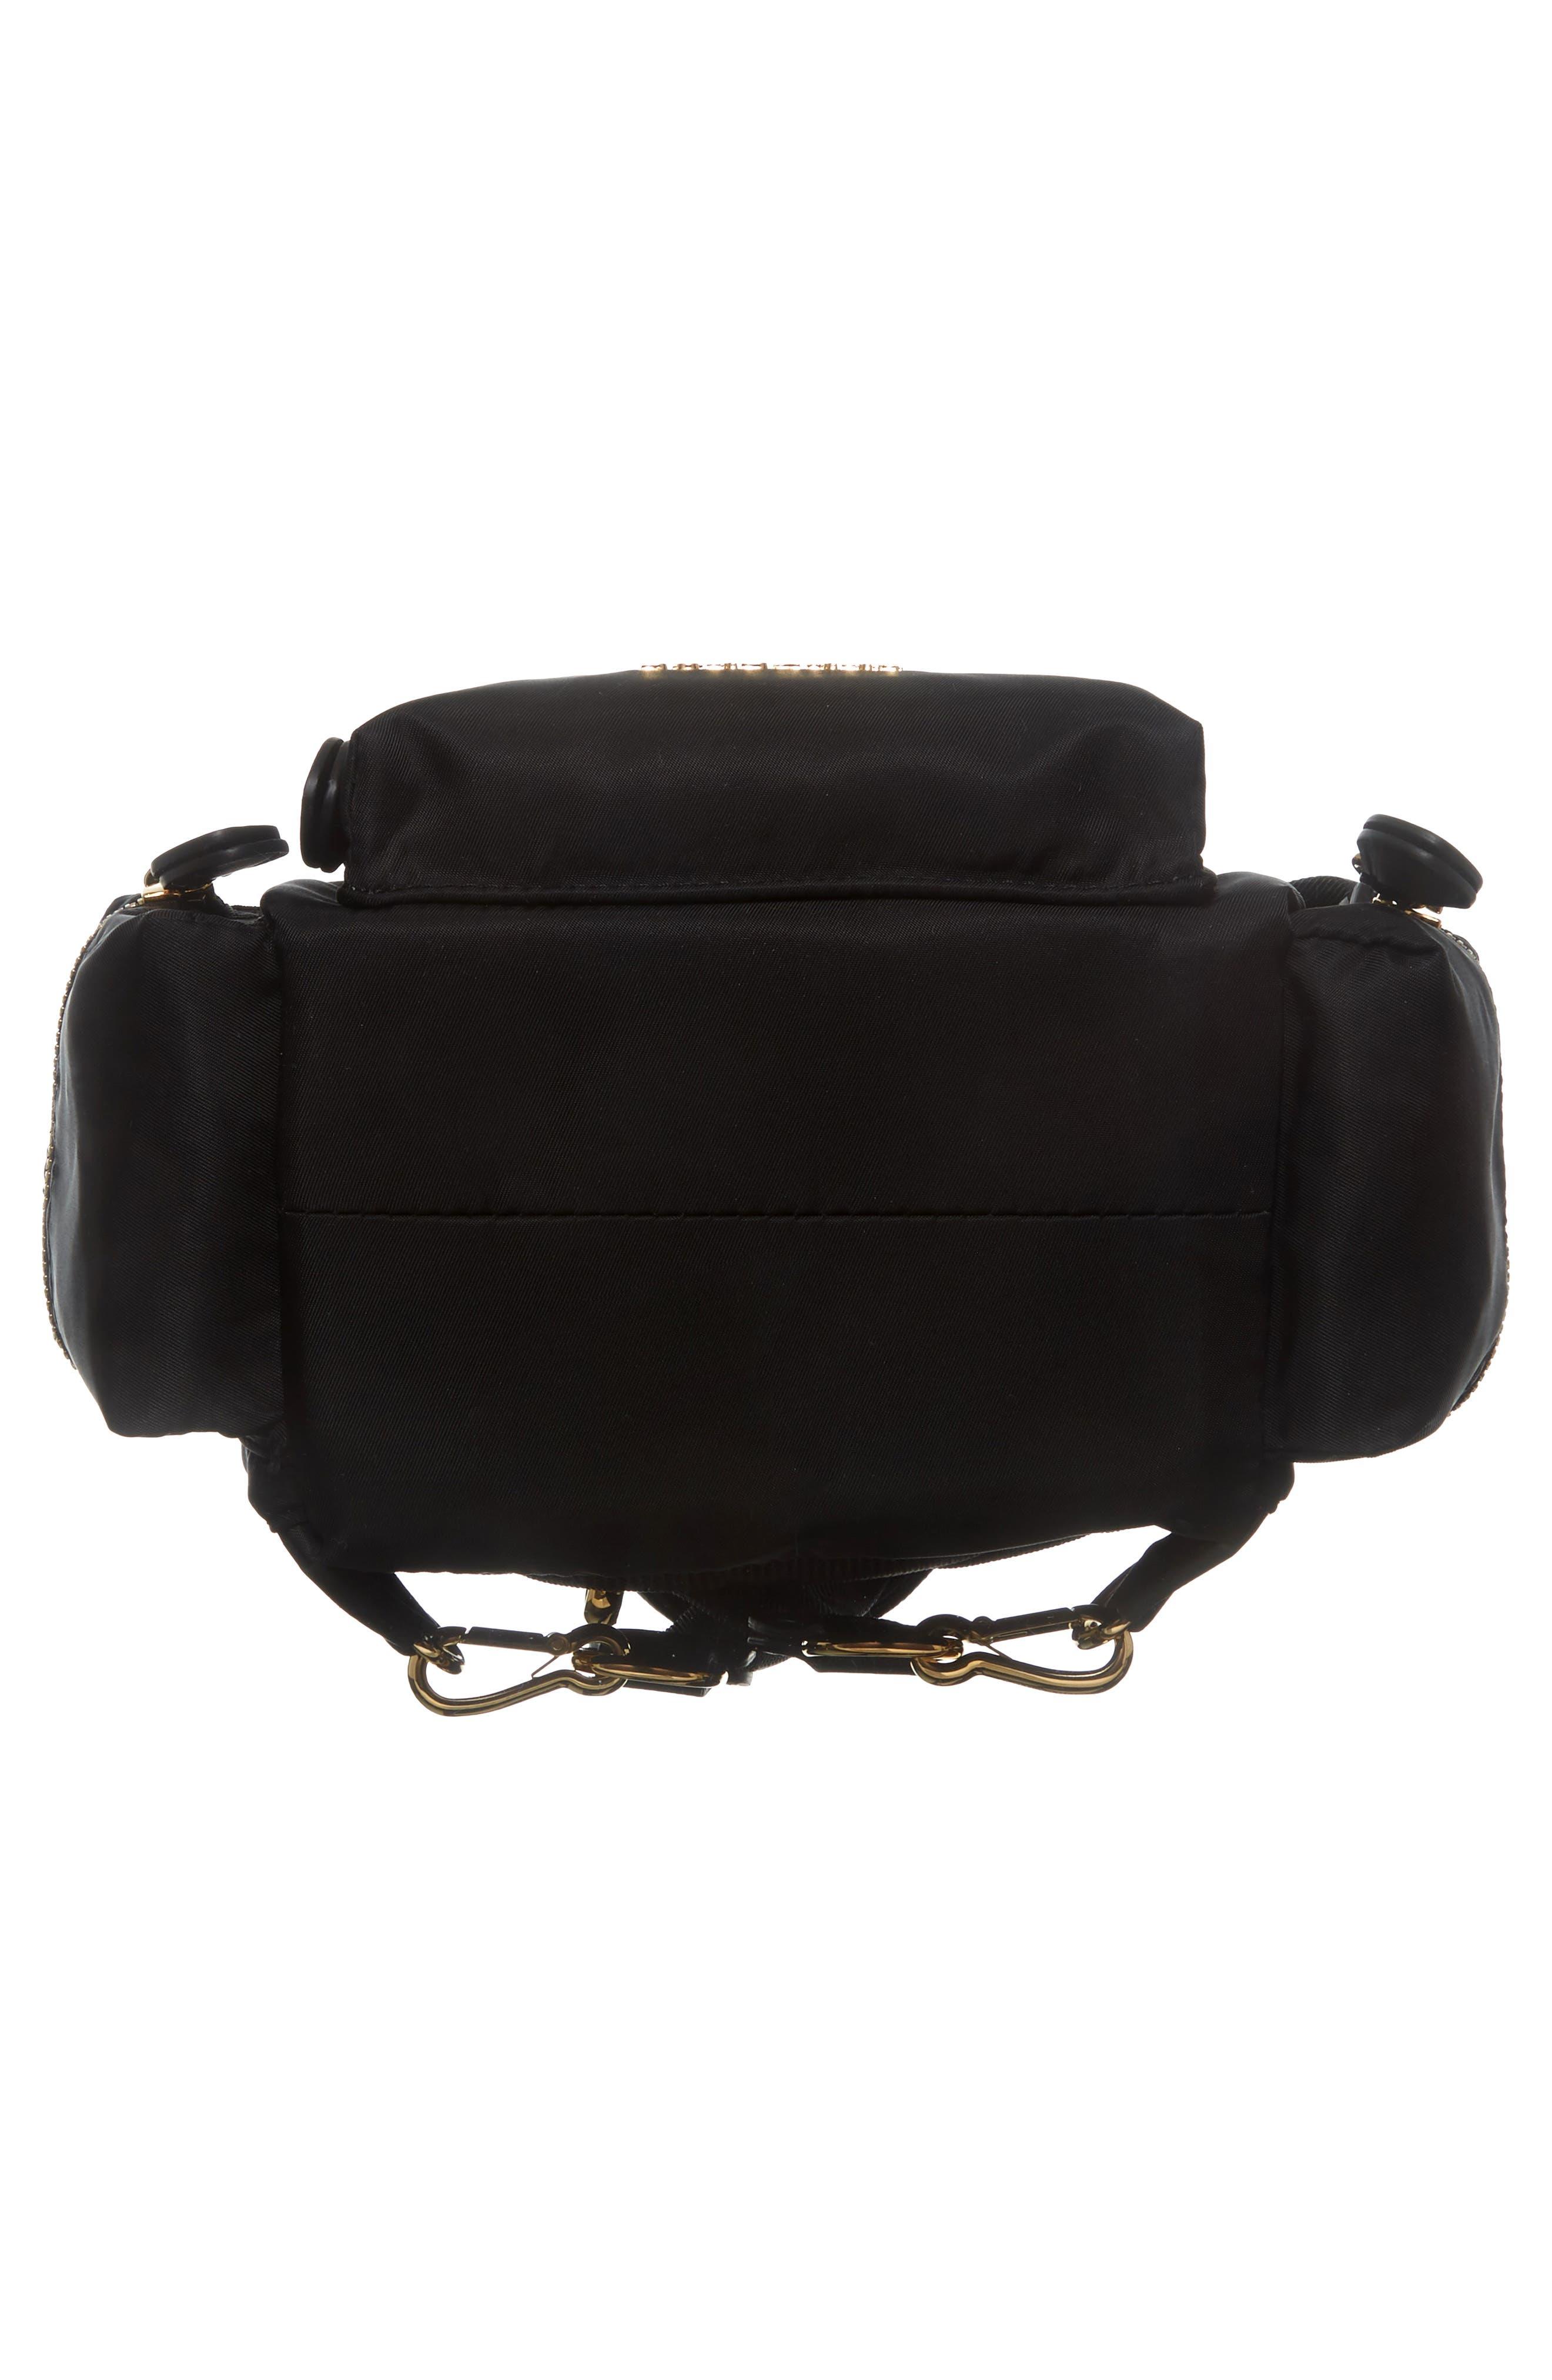 Small Rucksack Nylon Backpack,                             Alternate thumbnail 7, color,                             BLACK